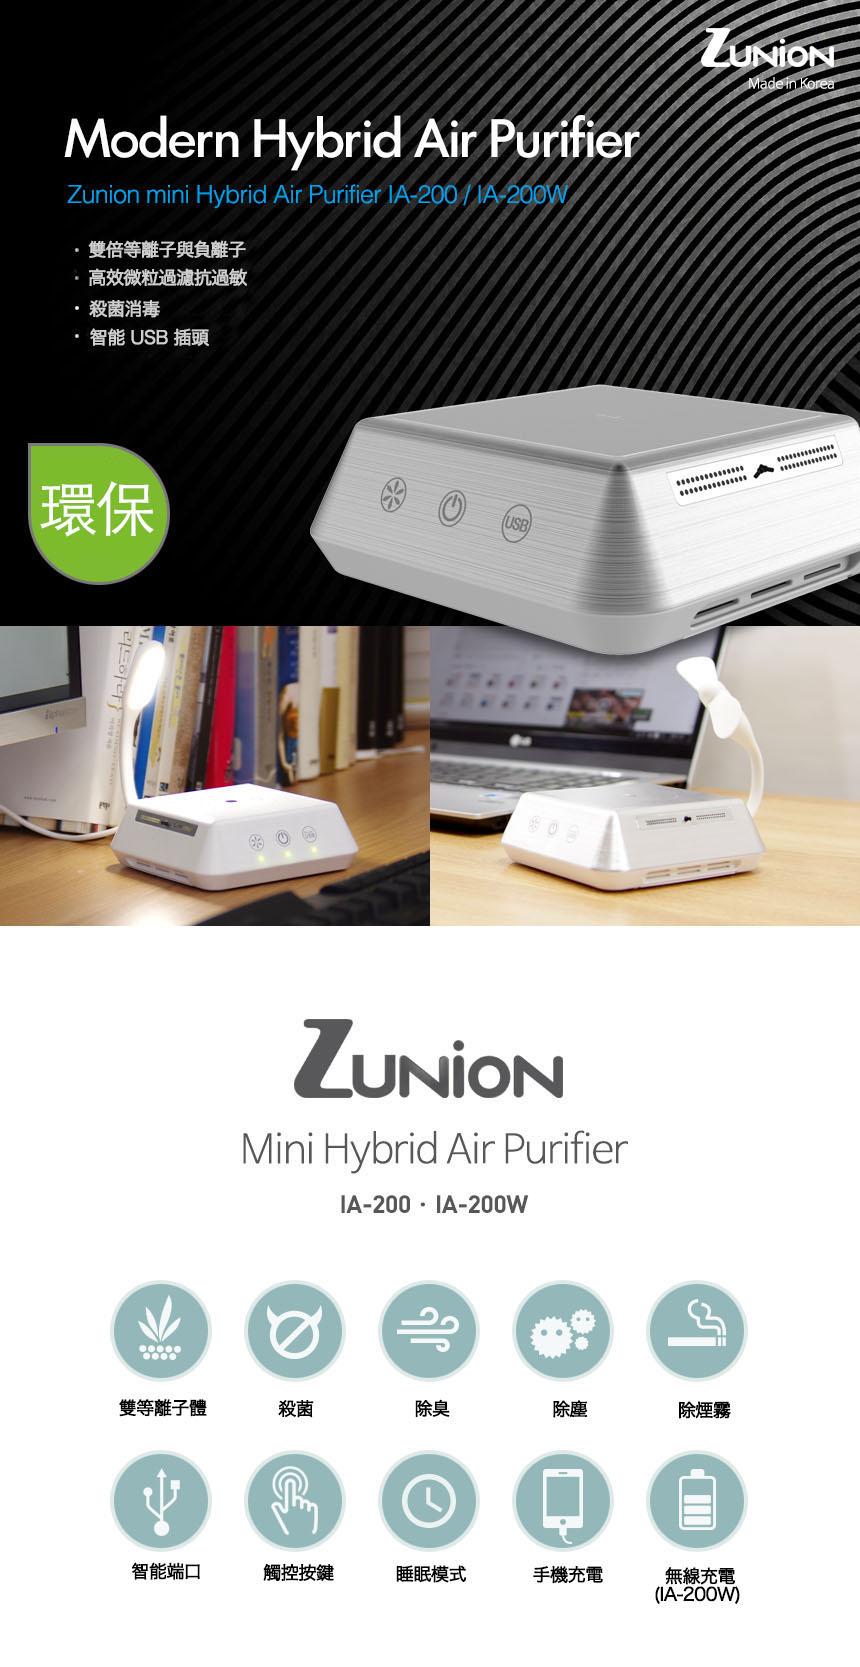 韓國 Zunion 隨行空氣清新機